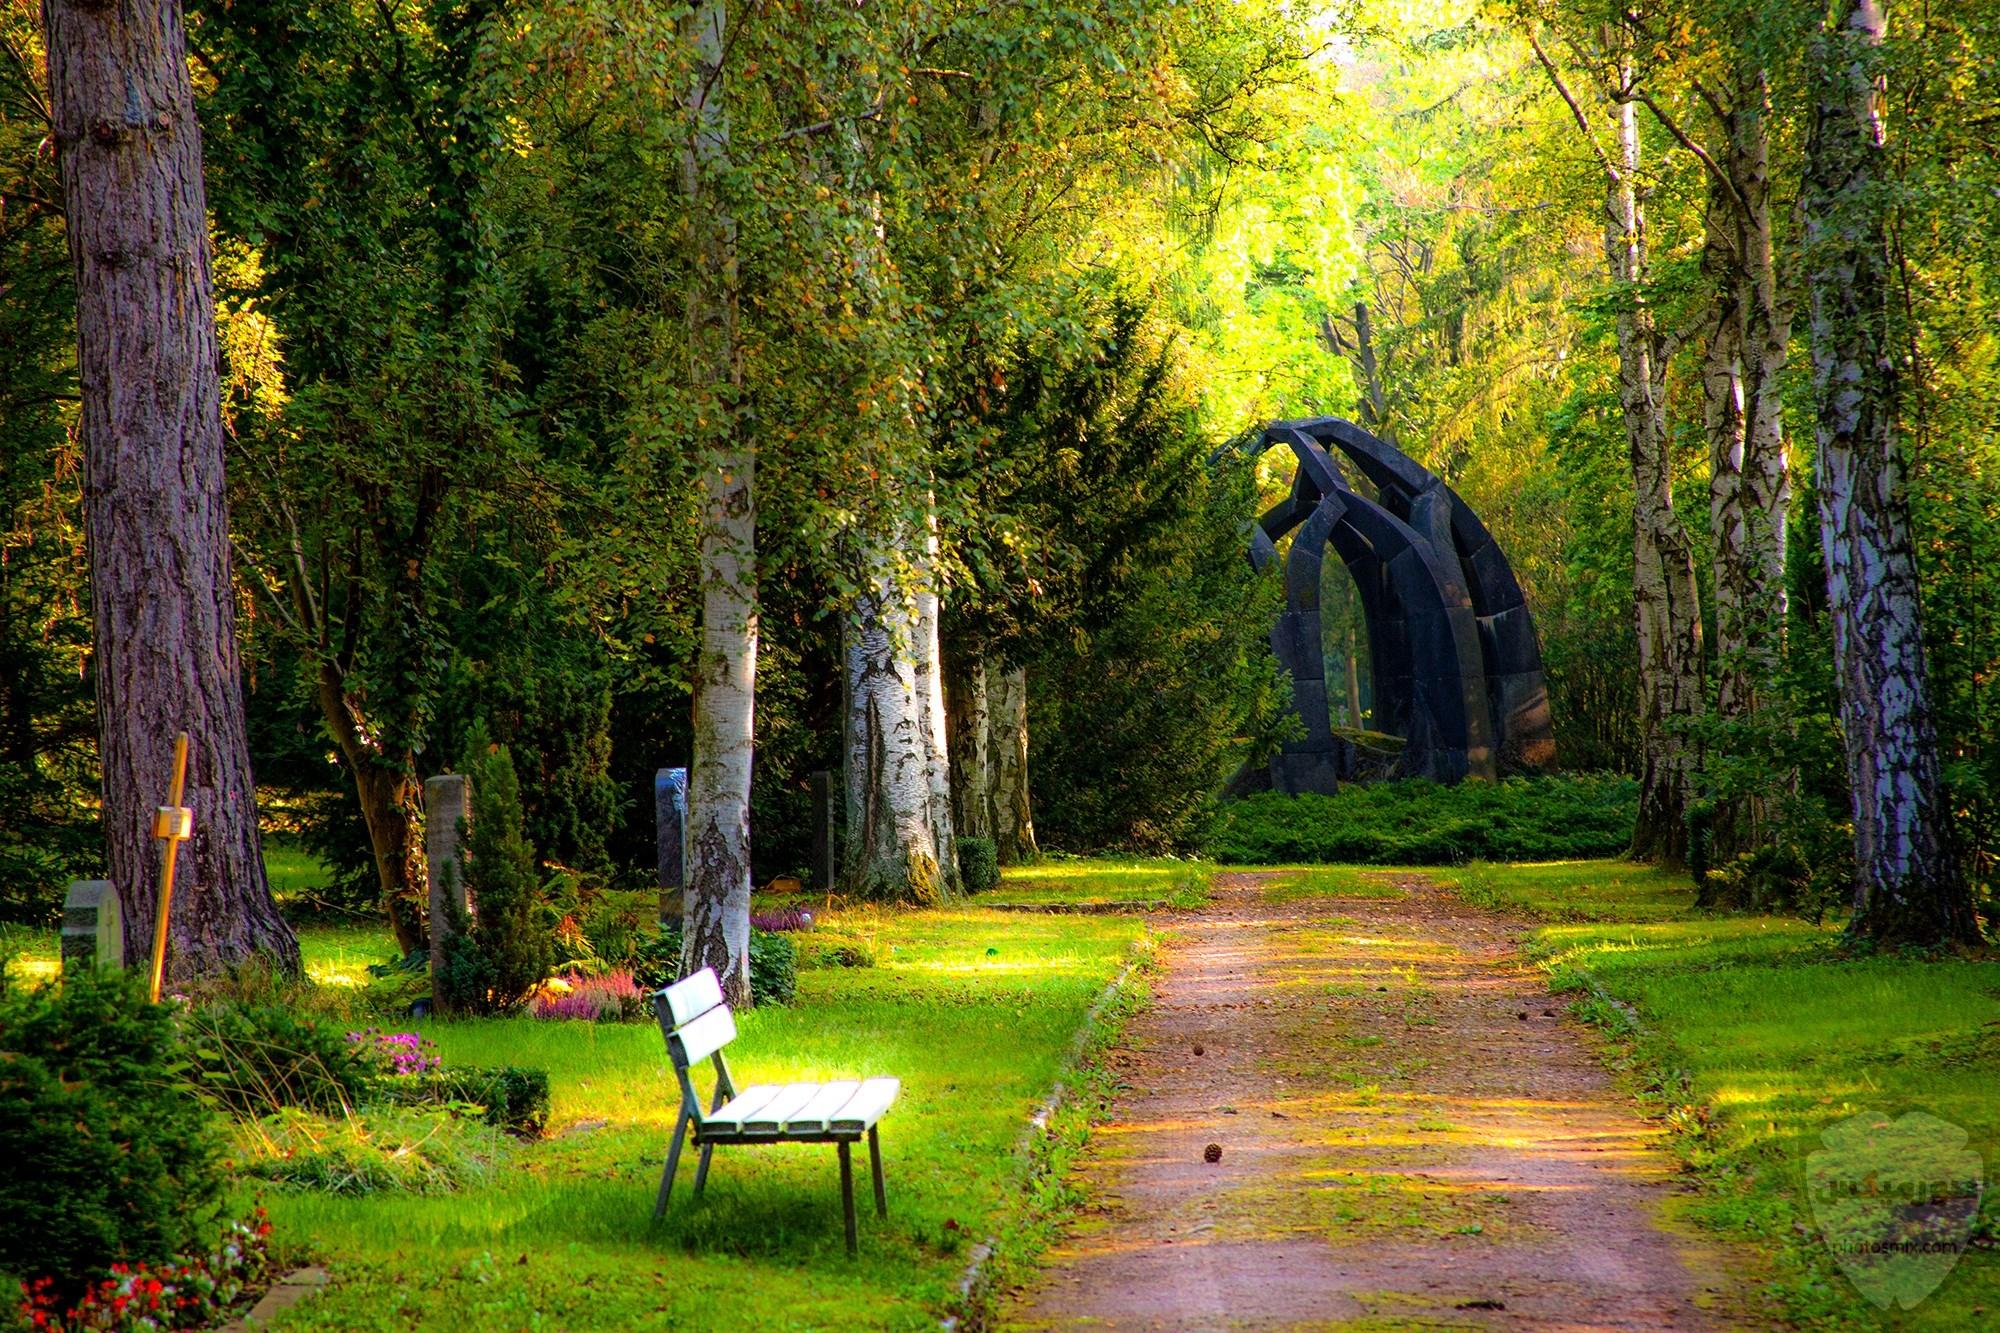 صور طبيعية خلابة أجمل صور للطبيعة صور من الطبيعة الحية 3